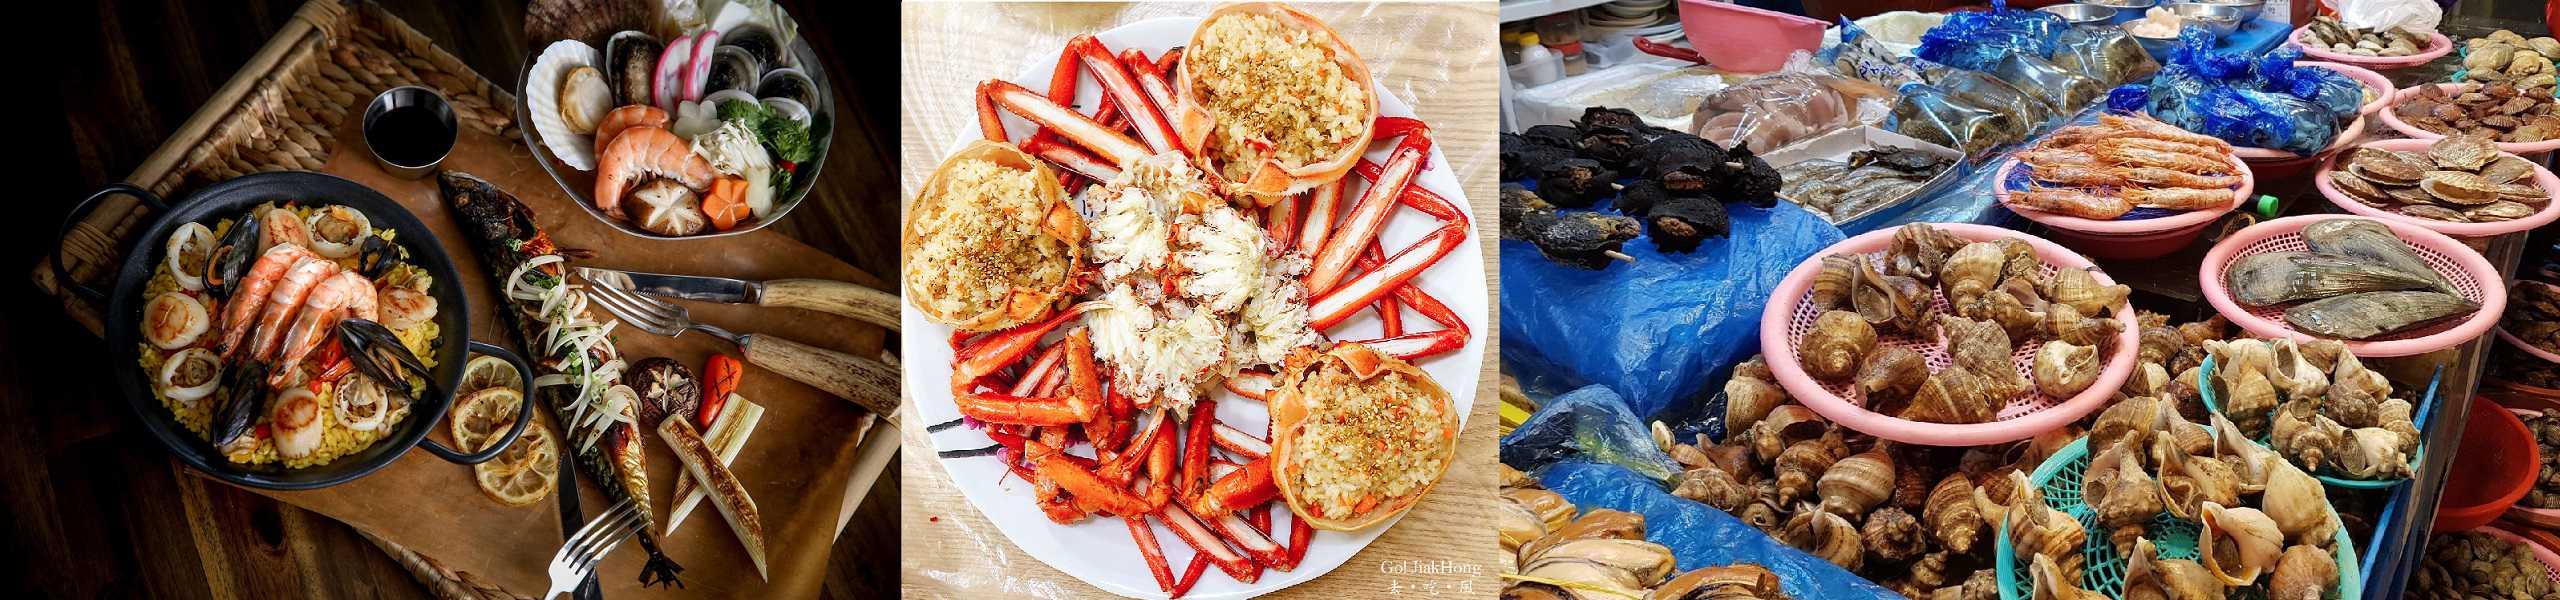 Món ăn hải sản tươi ngon và những quán ăn hải sản nổi tiếng ở Hàn Quốc